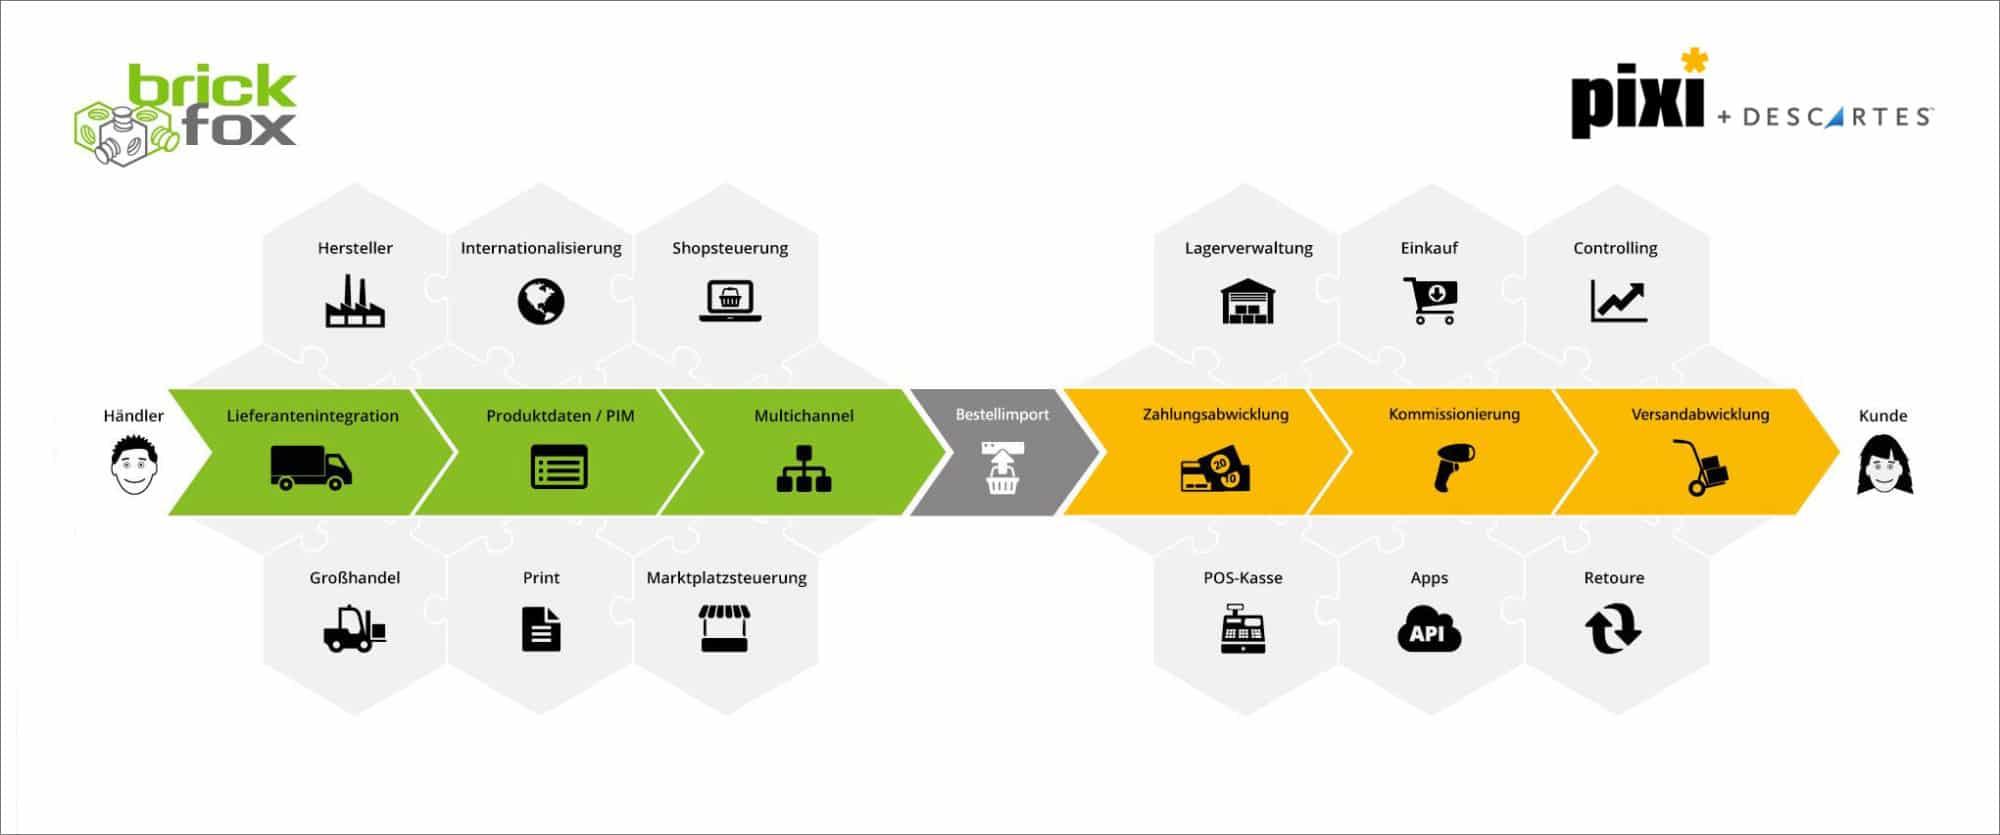 2-Komponenten-Lösung von brickfox & pixi* für nachhaltige E-Commerce Expansion